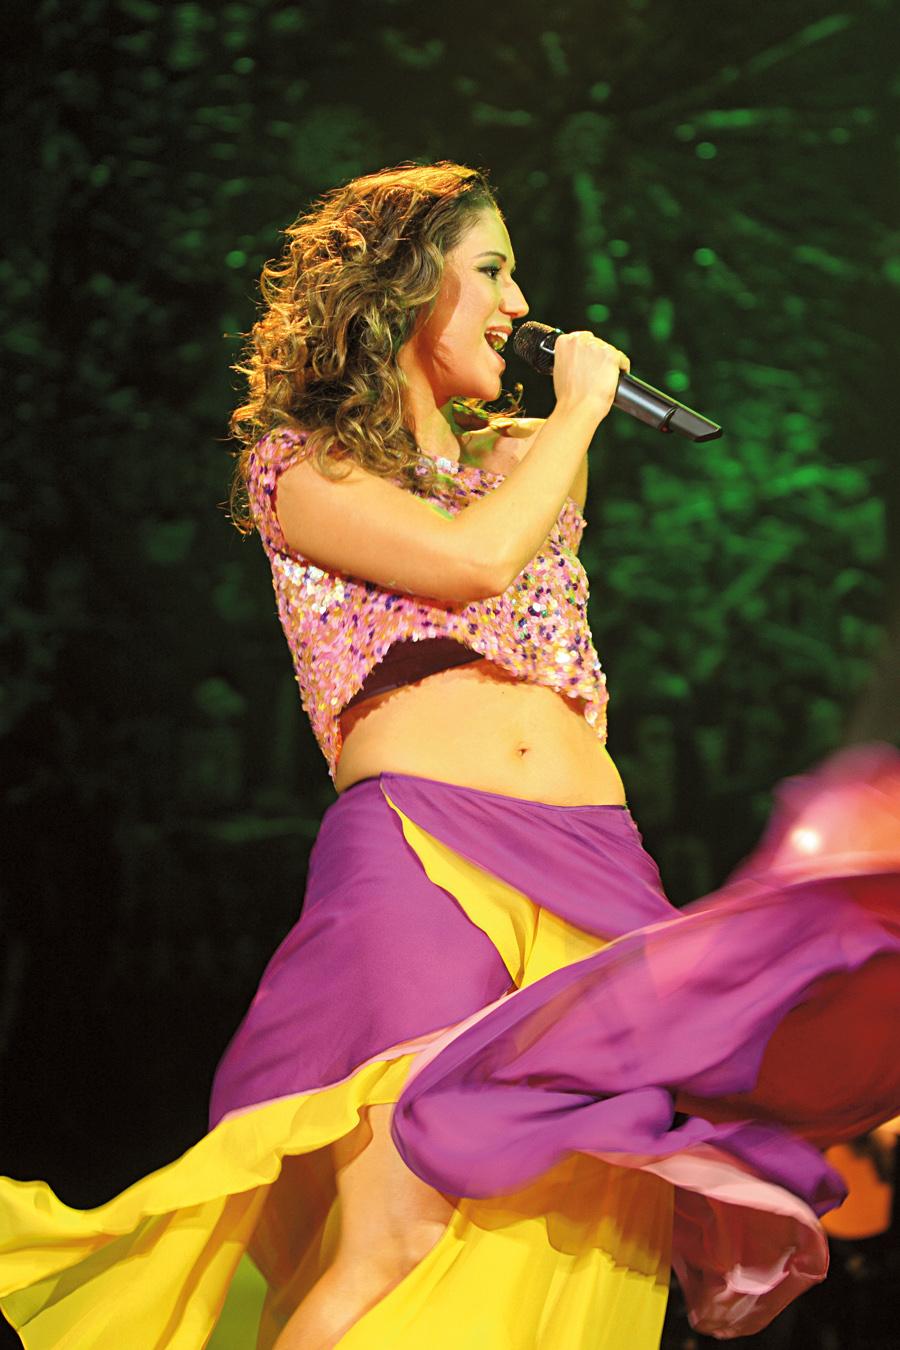 Em show do terceiro álbum, Samba Meu, em 2008